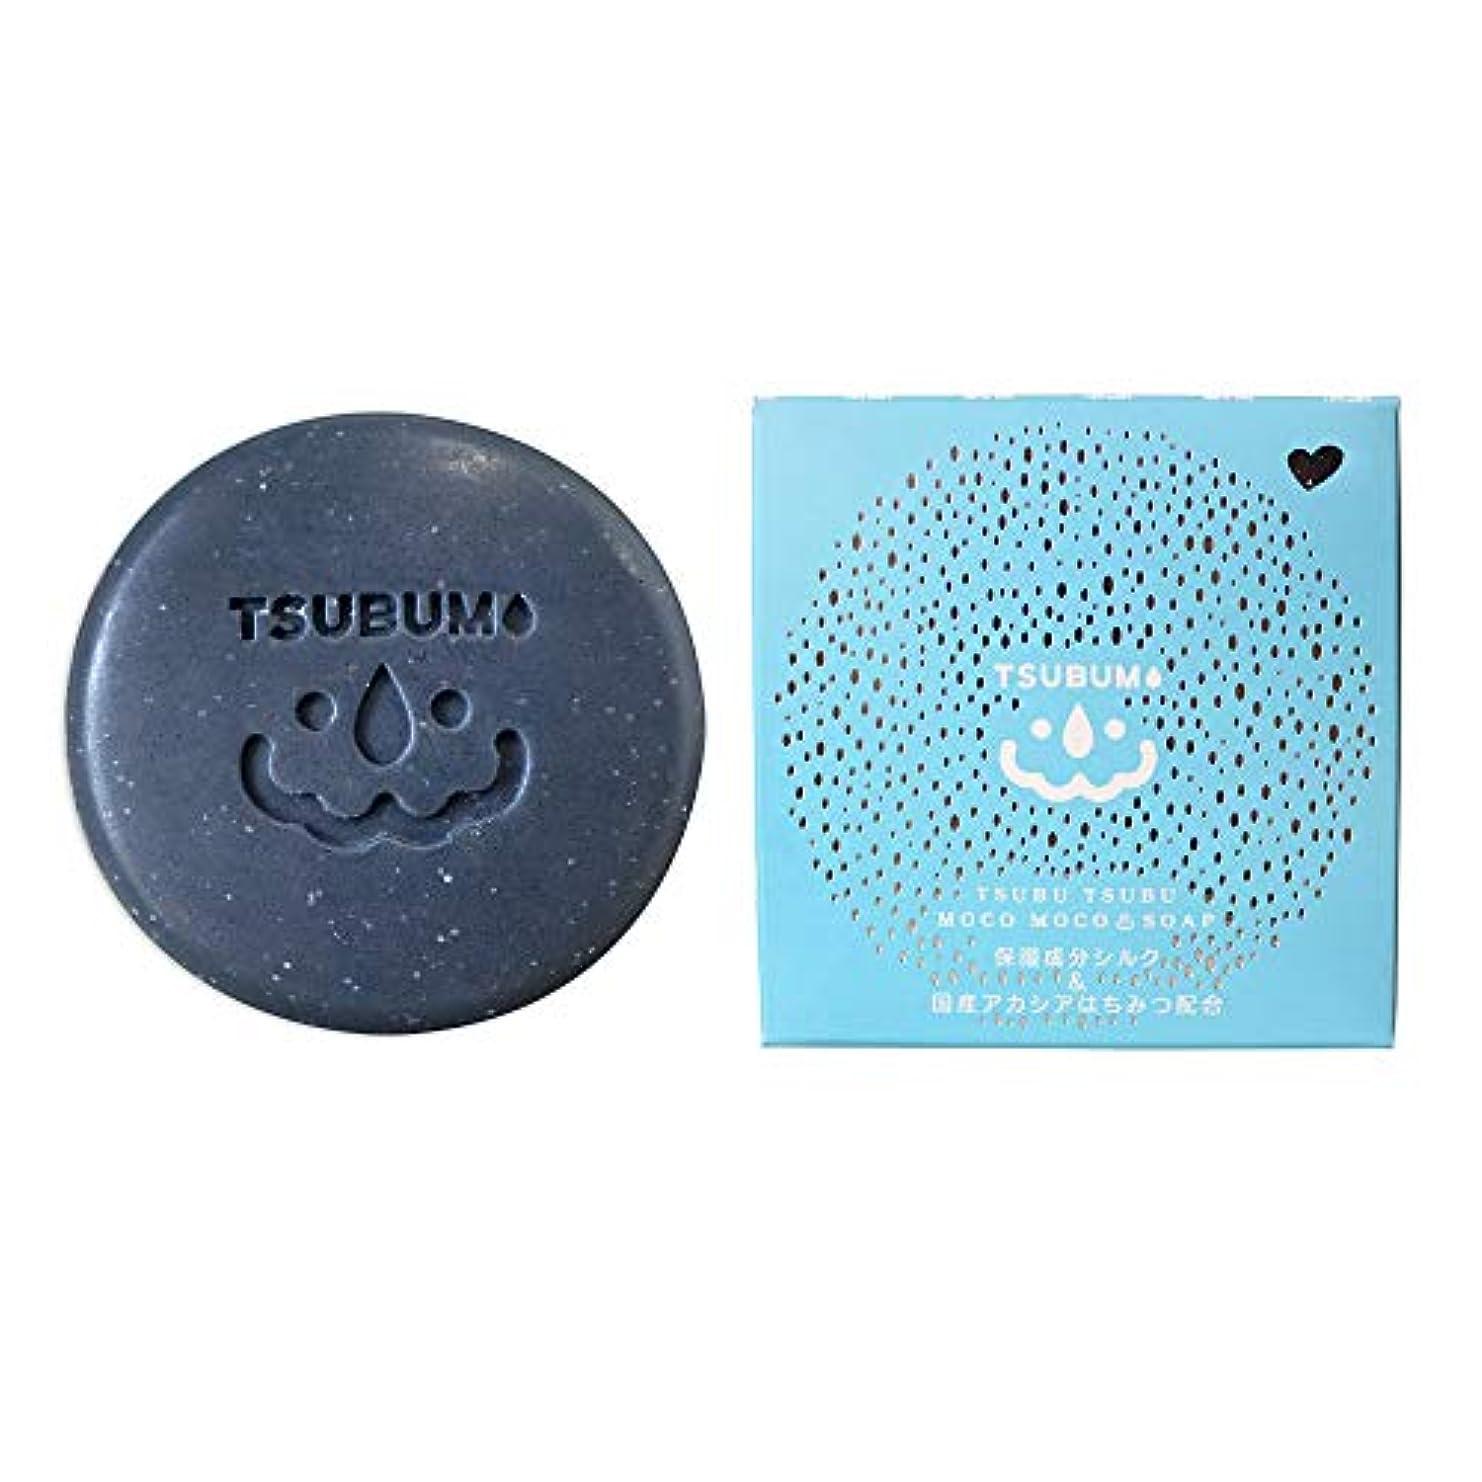 信じる地下室授業料【TSUBUMO(ツブモ)】天然植物由来 プレミアムミネラルソープ 固形 フェイス&ボディ用 90g×1個|アルガンオイル 馬油 ガスール 着色料不使用 低刺激 敏感肌|日本製|ファミリー向け